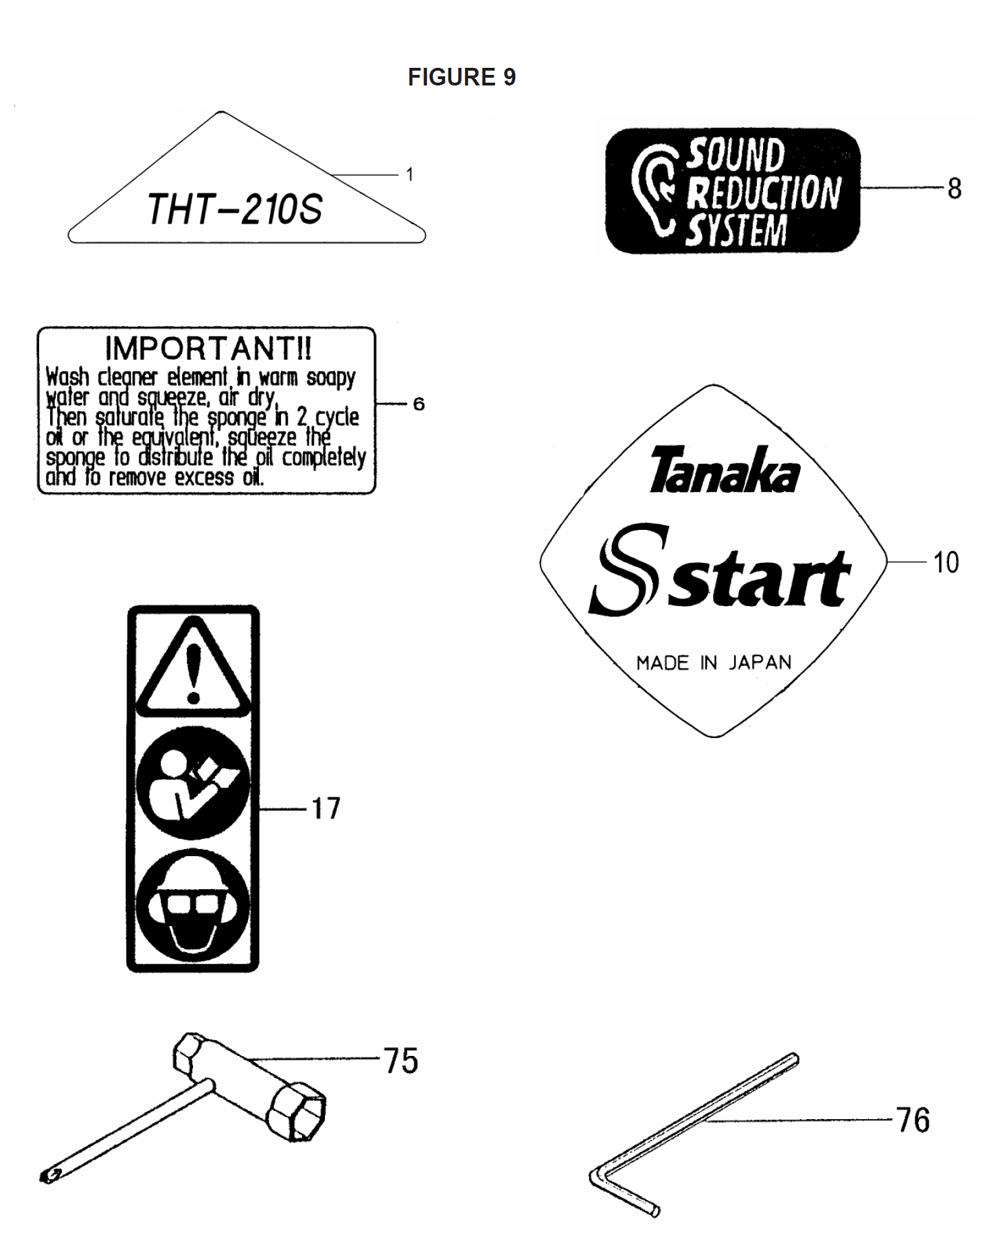 THT-210S-Tanaka-PB-8Break Down